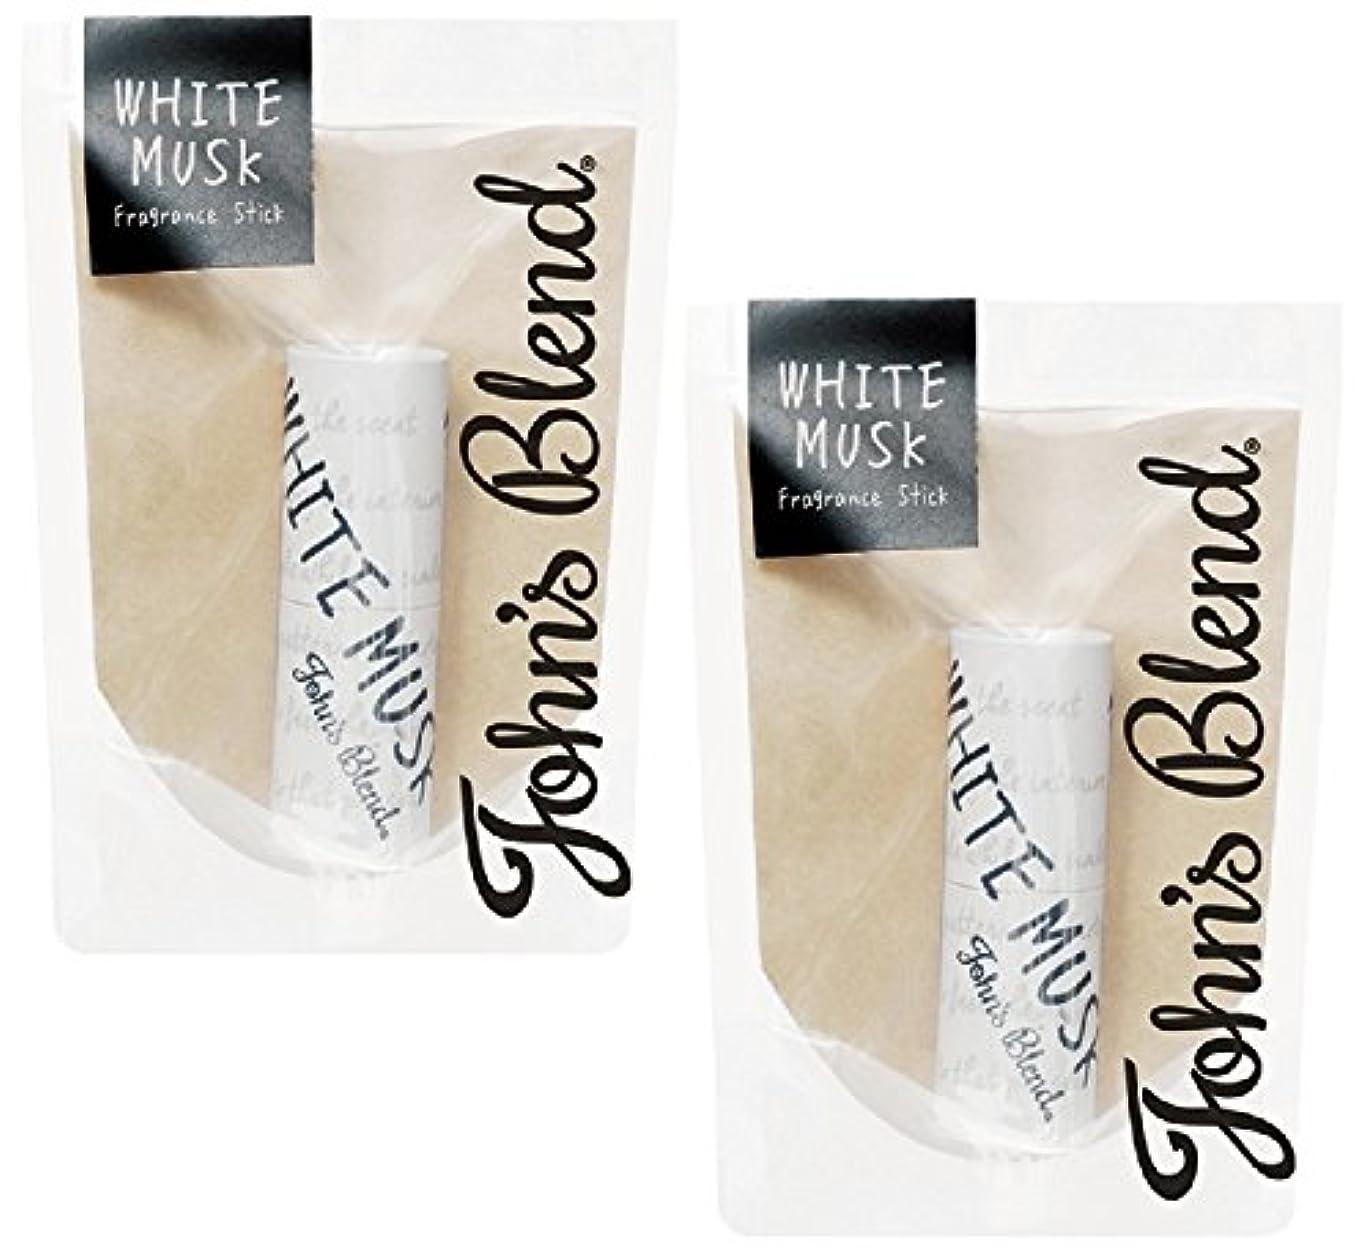 急いで遅滞に対応する【2個セット】Johns Blend 練り香水 フレグランス スティック ホワイトムスク の香り OZ-JOD-3-1